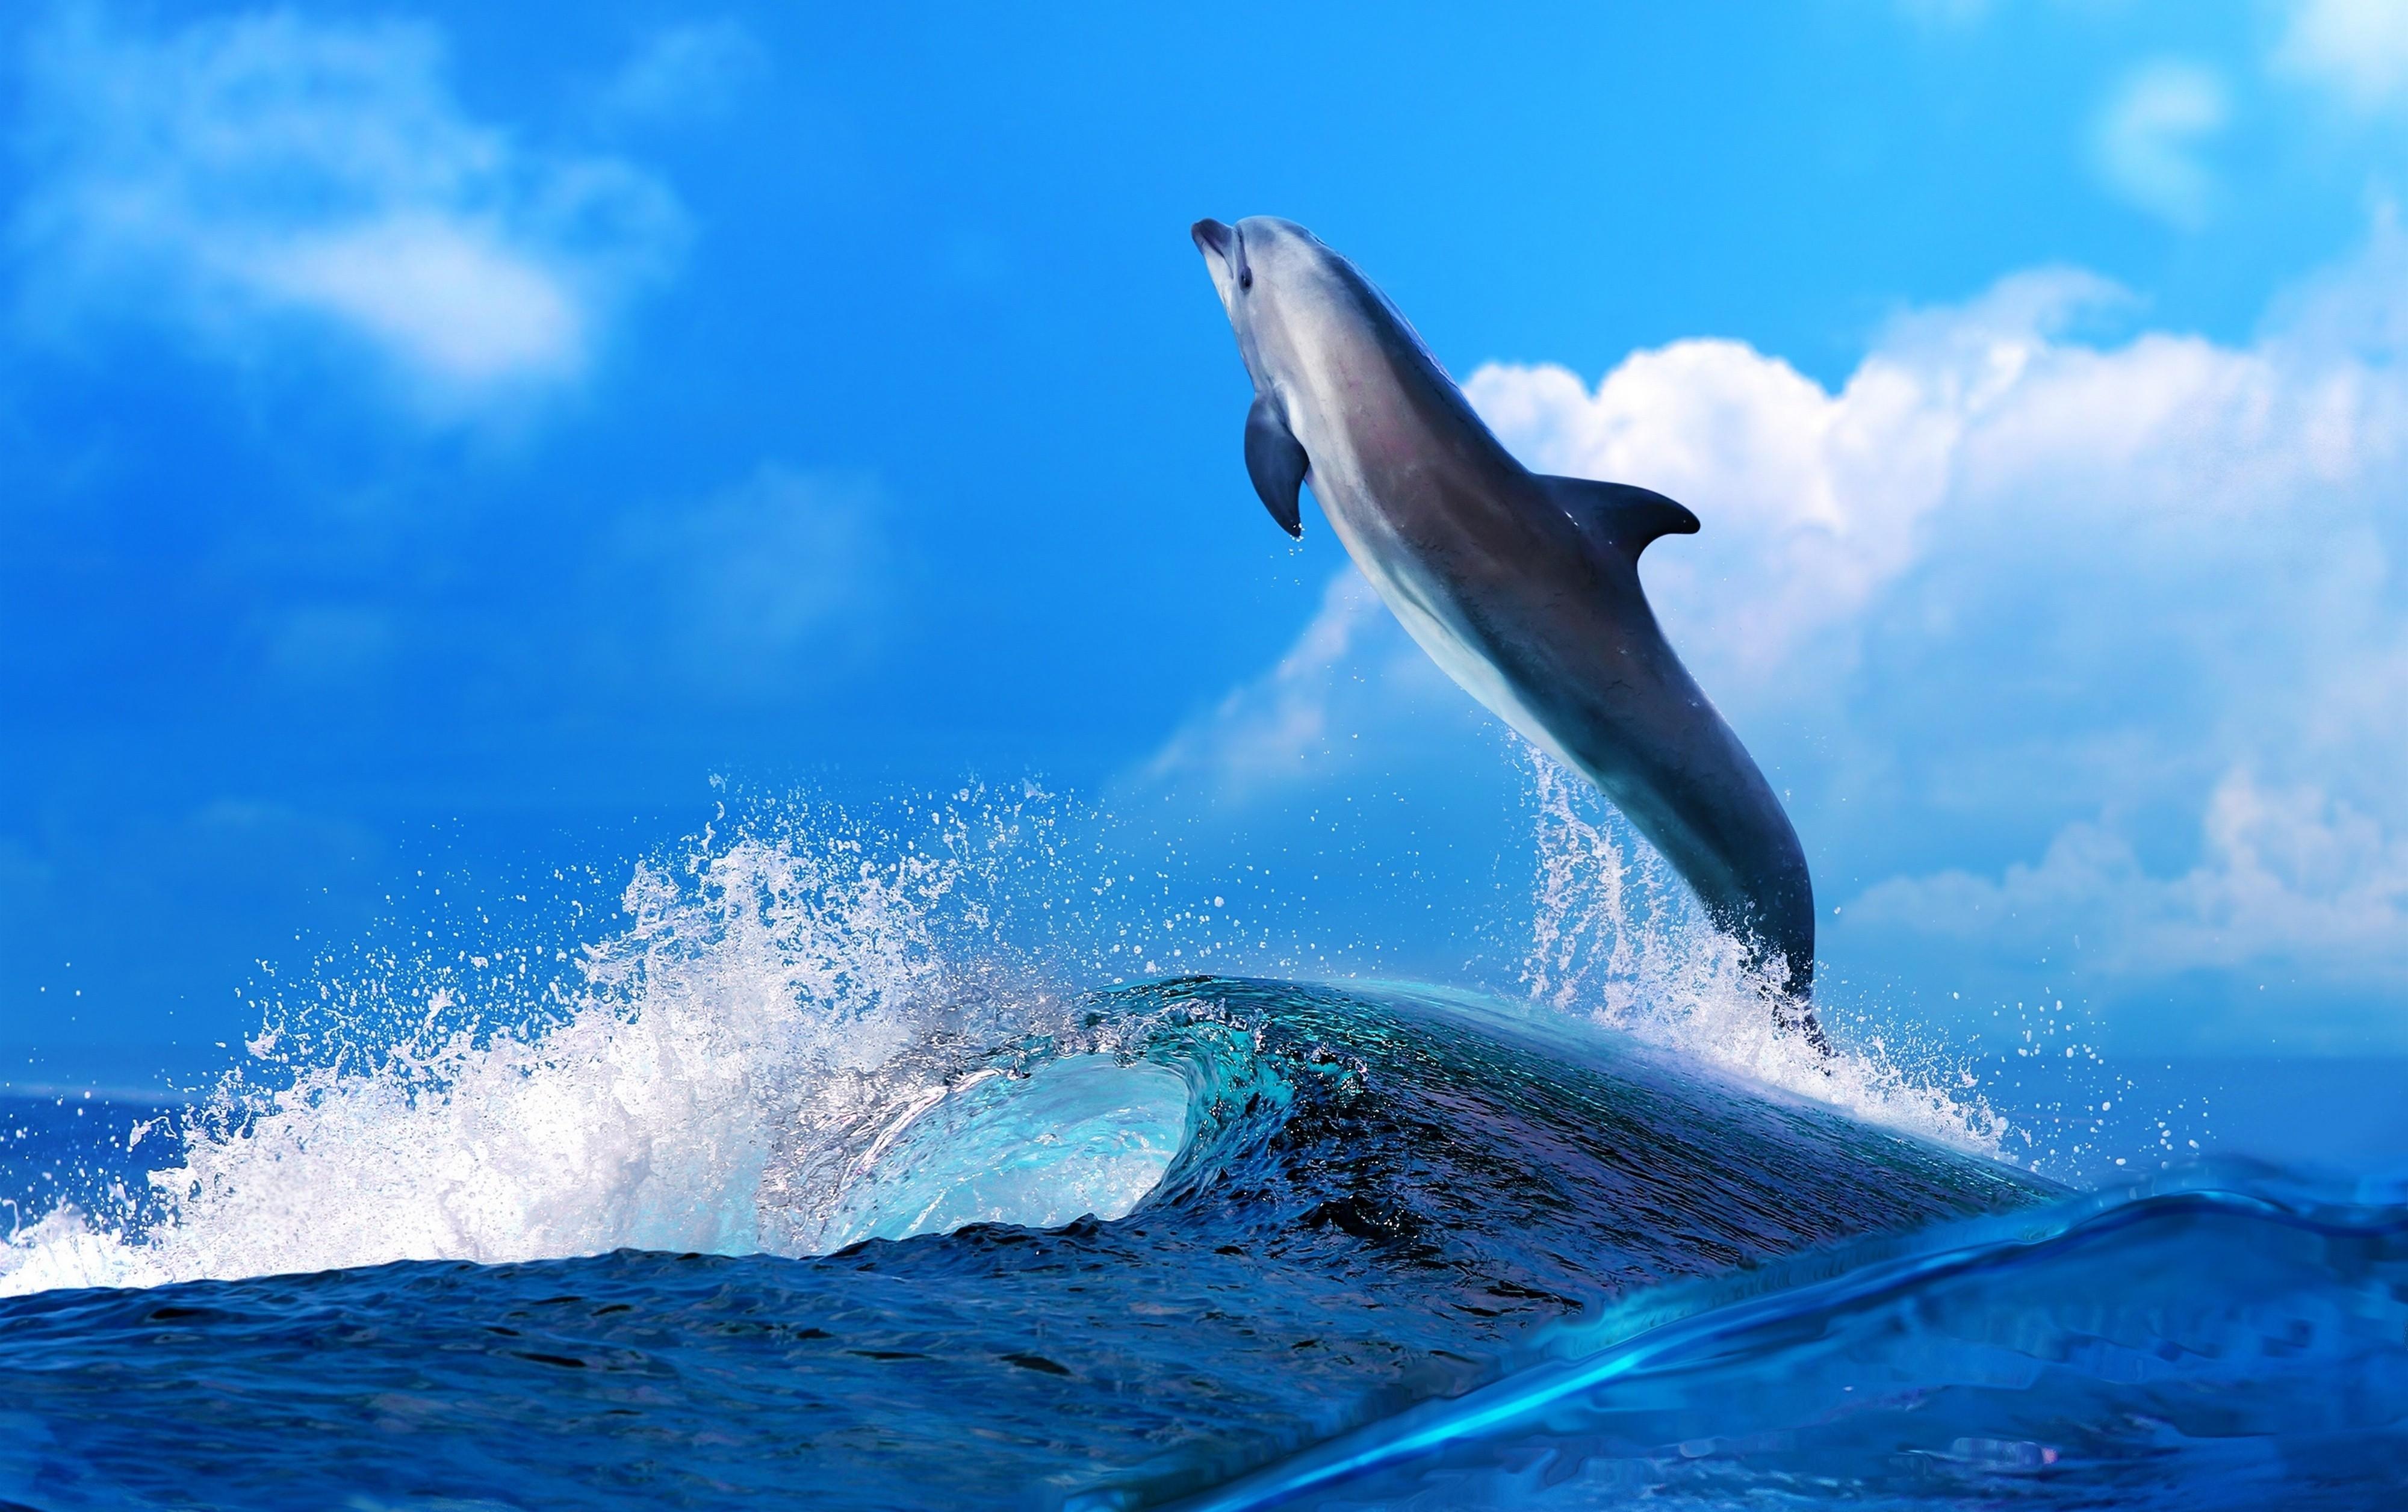 Un delfín saltando - 4000x2512